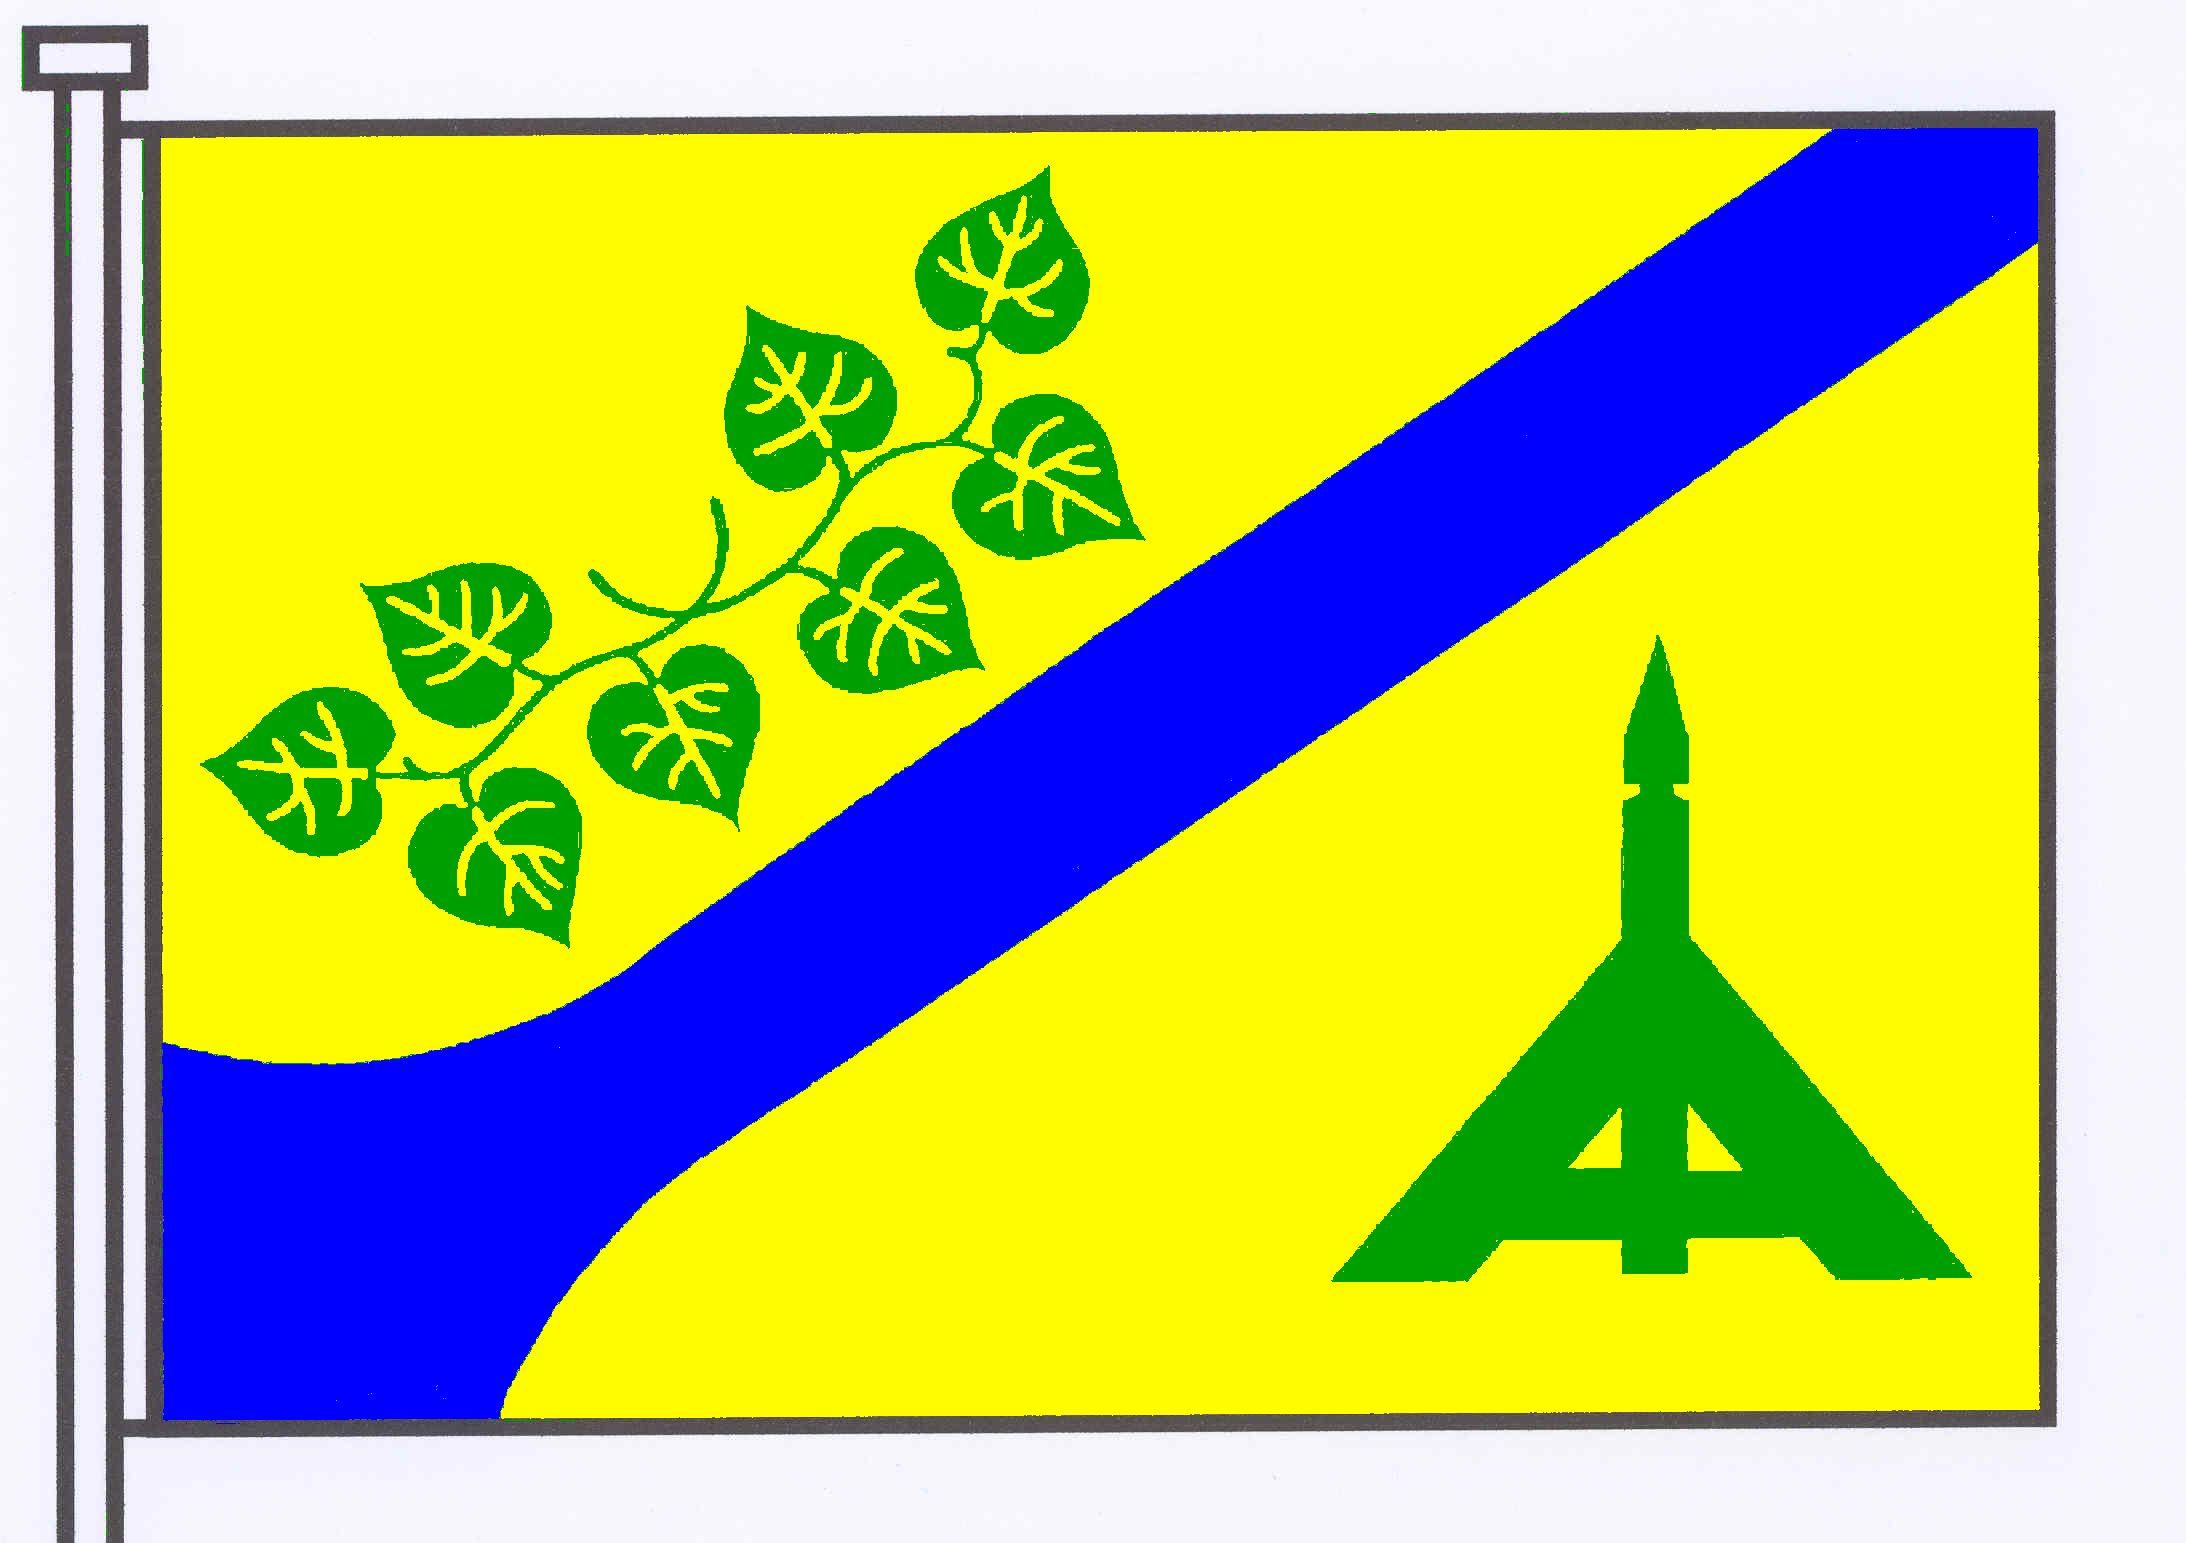 Flagge GemeindeTramm, Kreis Herzogtum Lauenburg